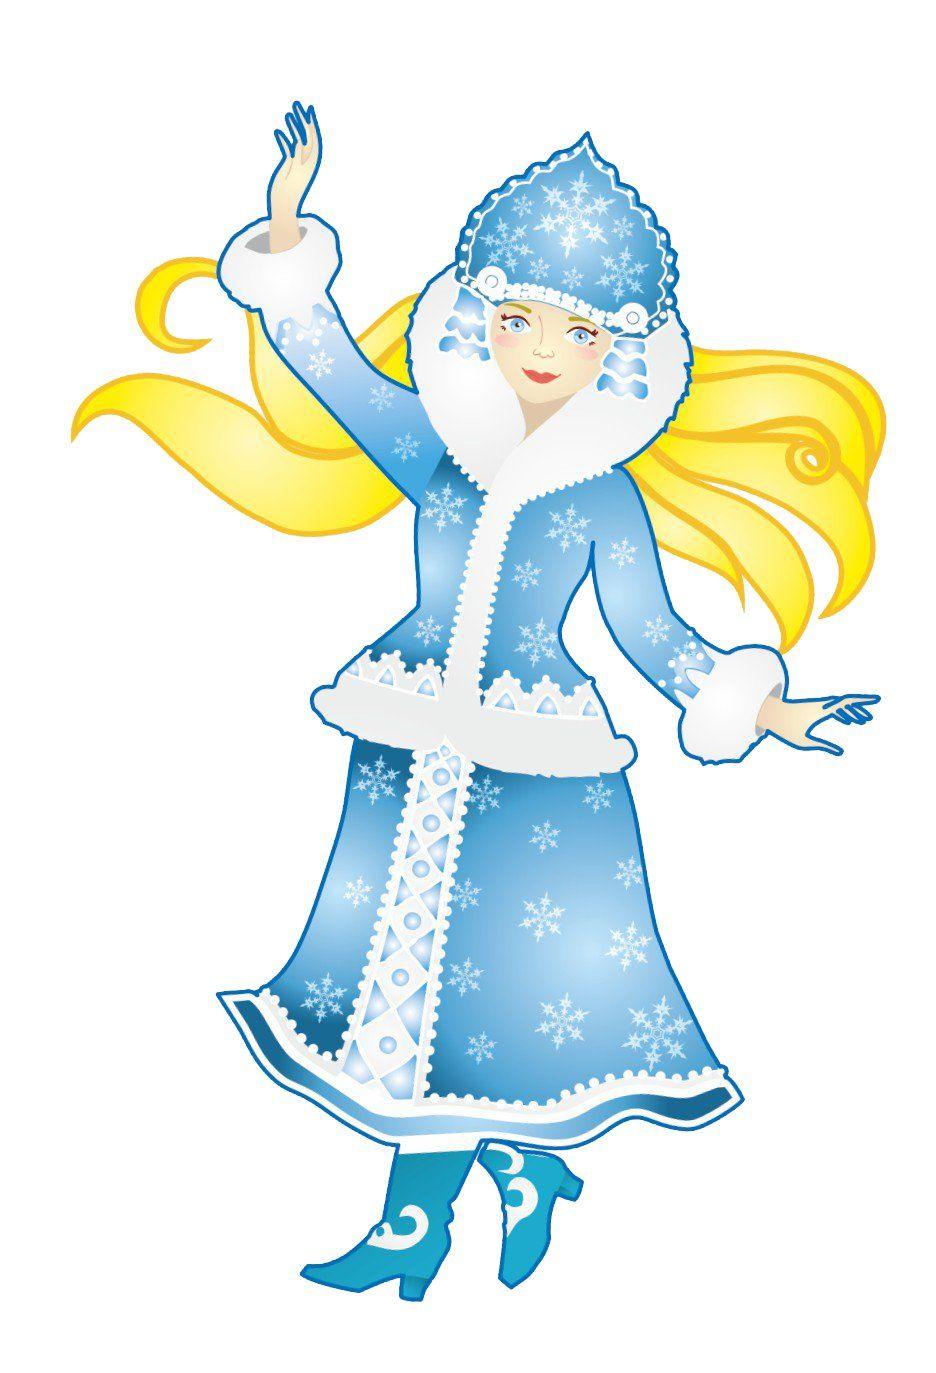 Мини-плакат вырубной Снегурочка: 80х113 ммТовары для оформления и проведения праздника<br>.<br><br>Год: 2017<br>Серия: Вырубные фигуры для оформления<br>Высота: 113<br>Ширина: 80<br>Переплёт: набор